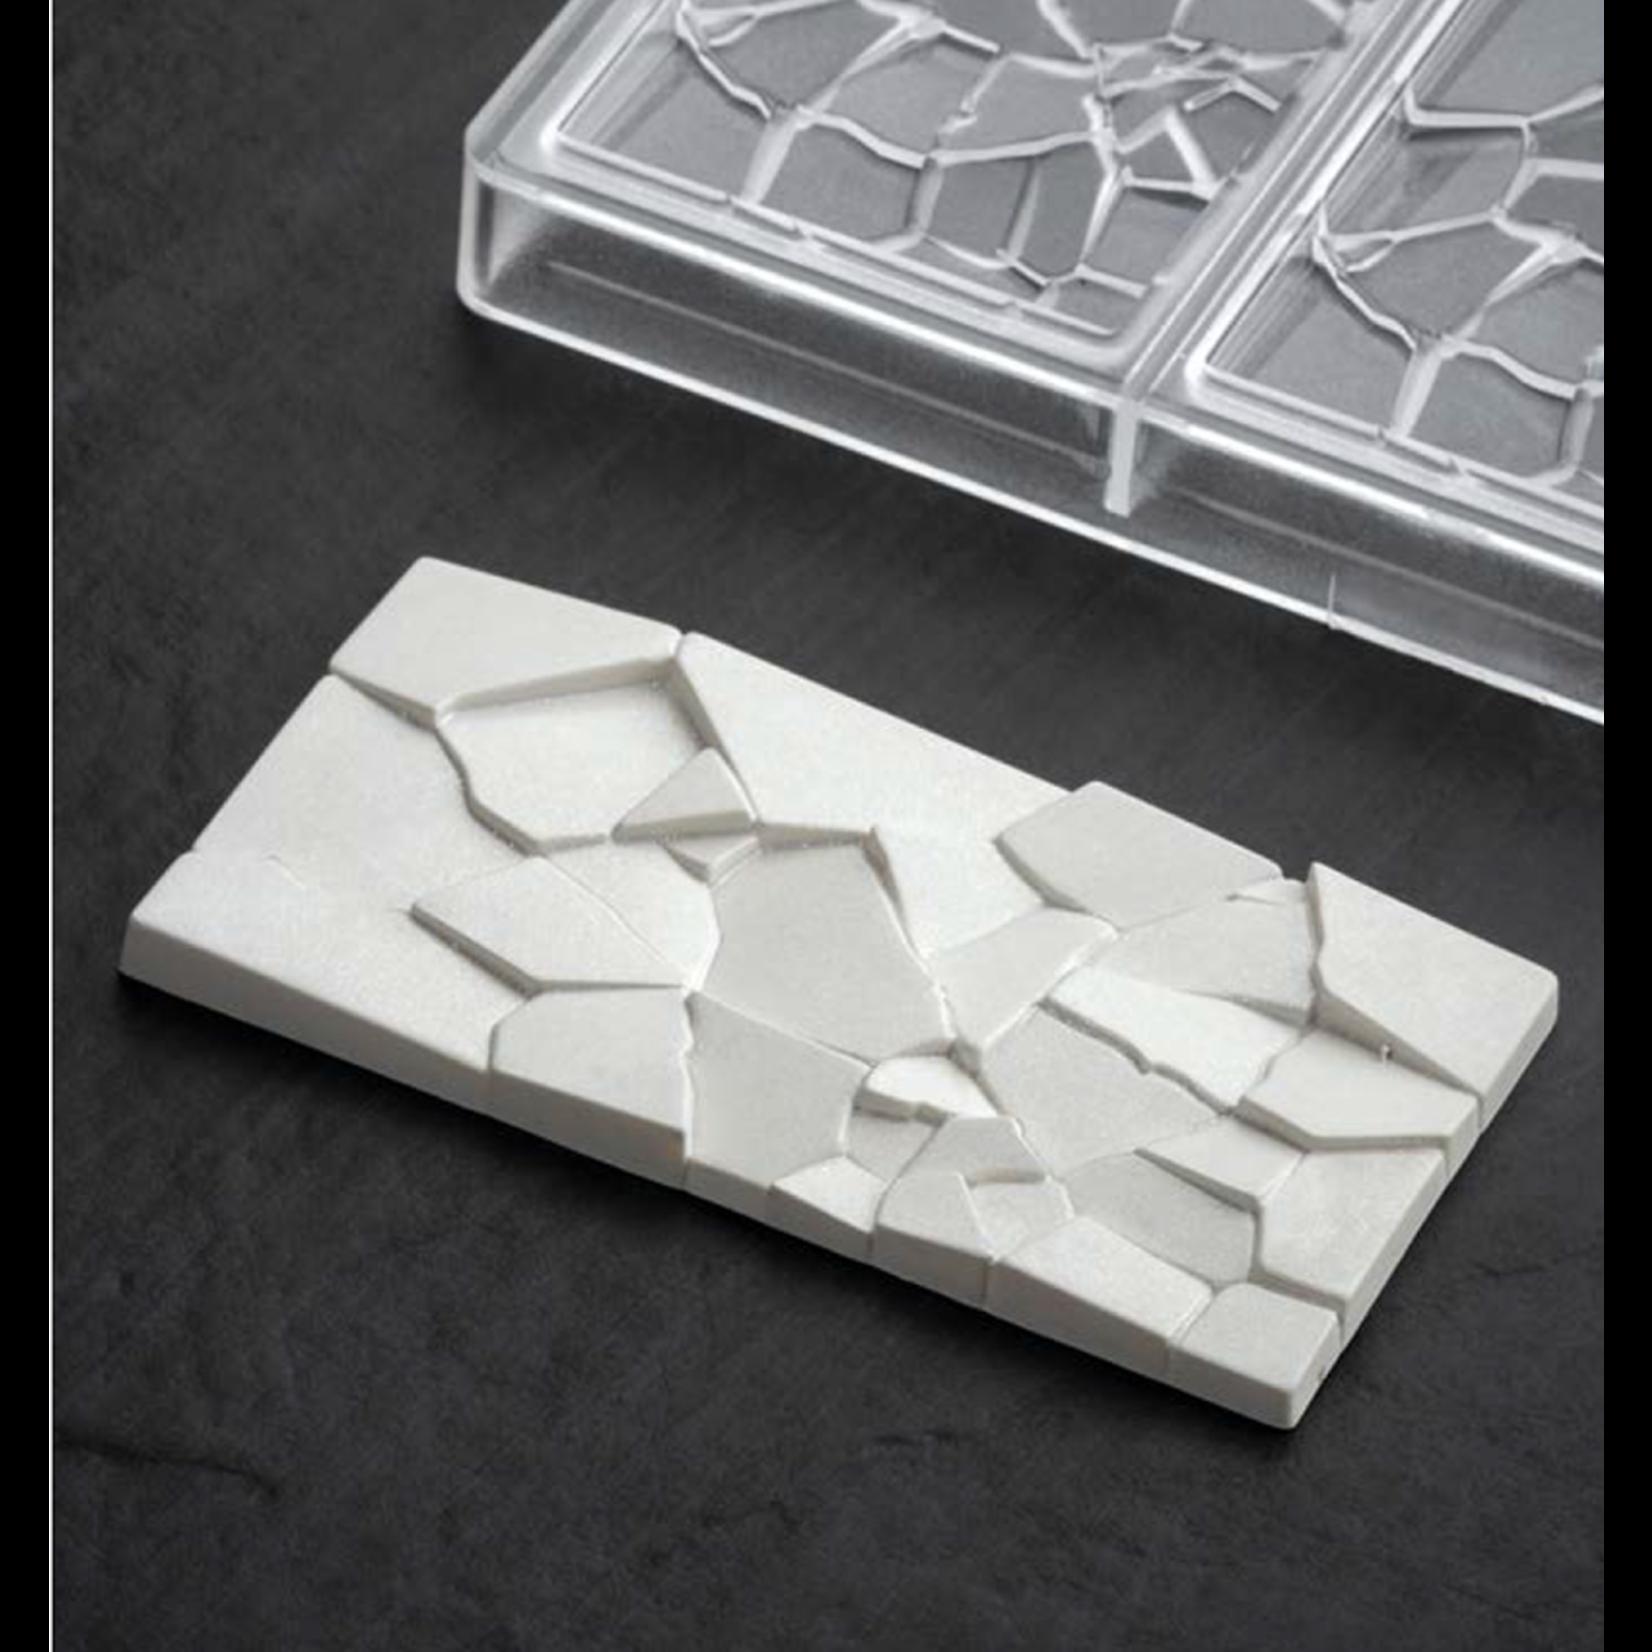 Pavoni Pavoni - Polycarbonate Chocolate Mold, Bar - Crush, PC5002 (3 cavity)